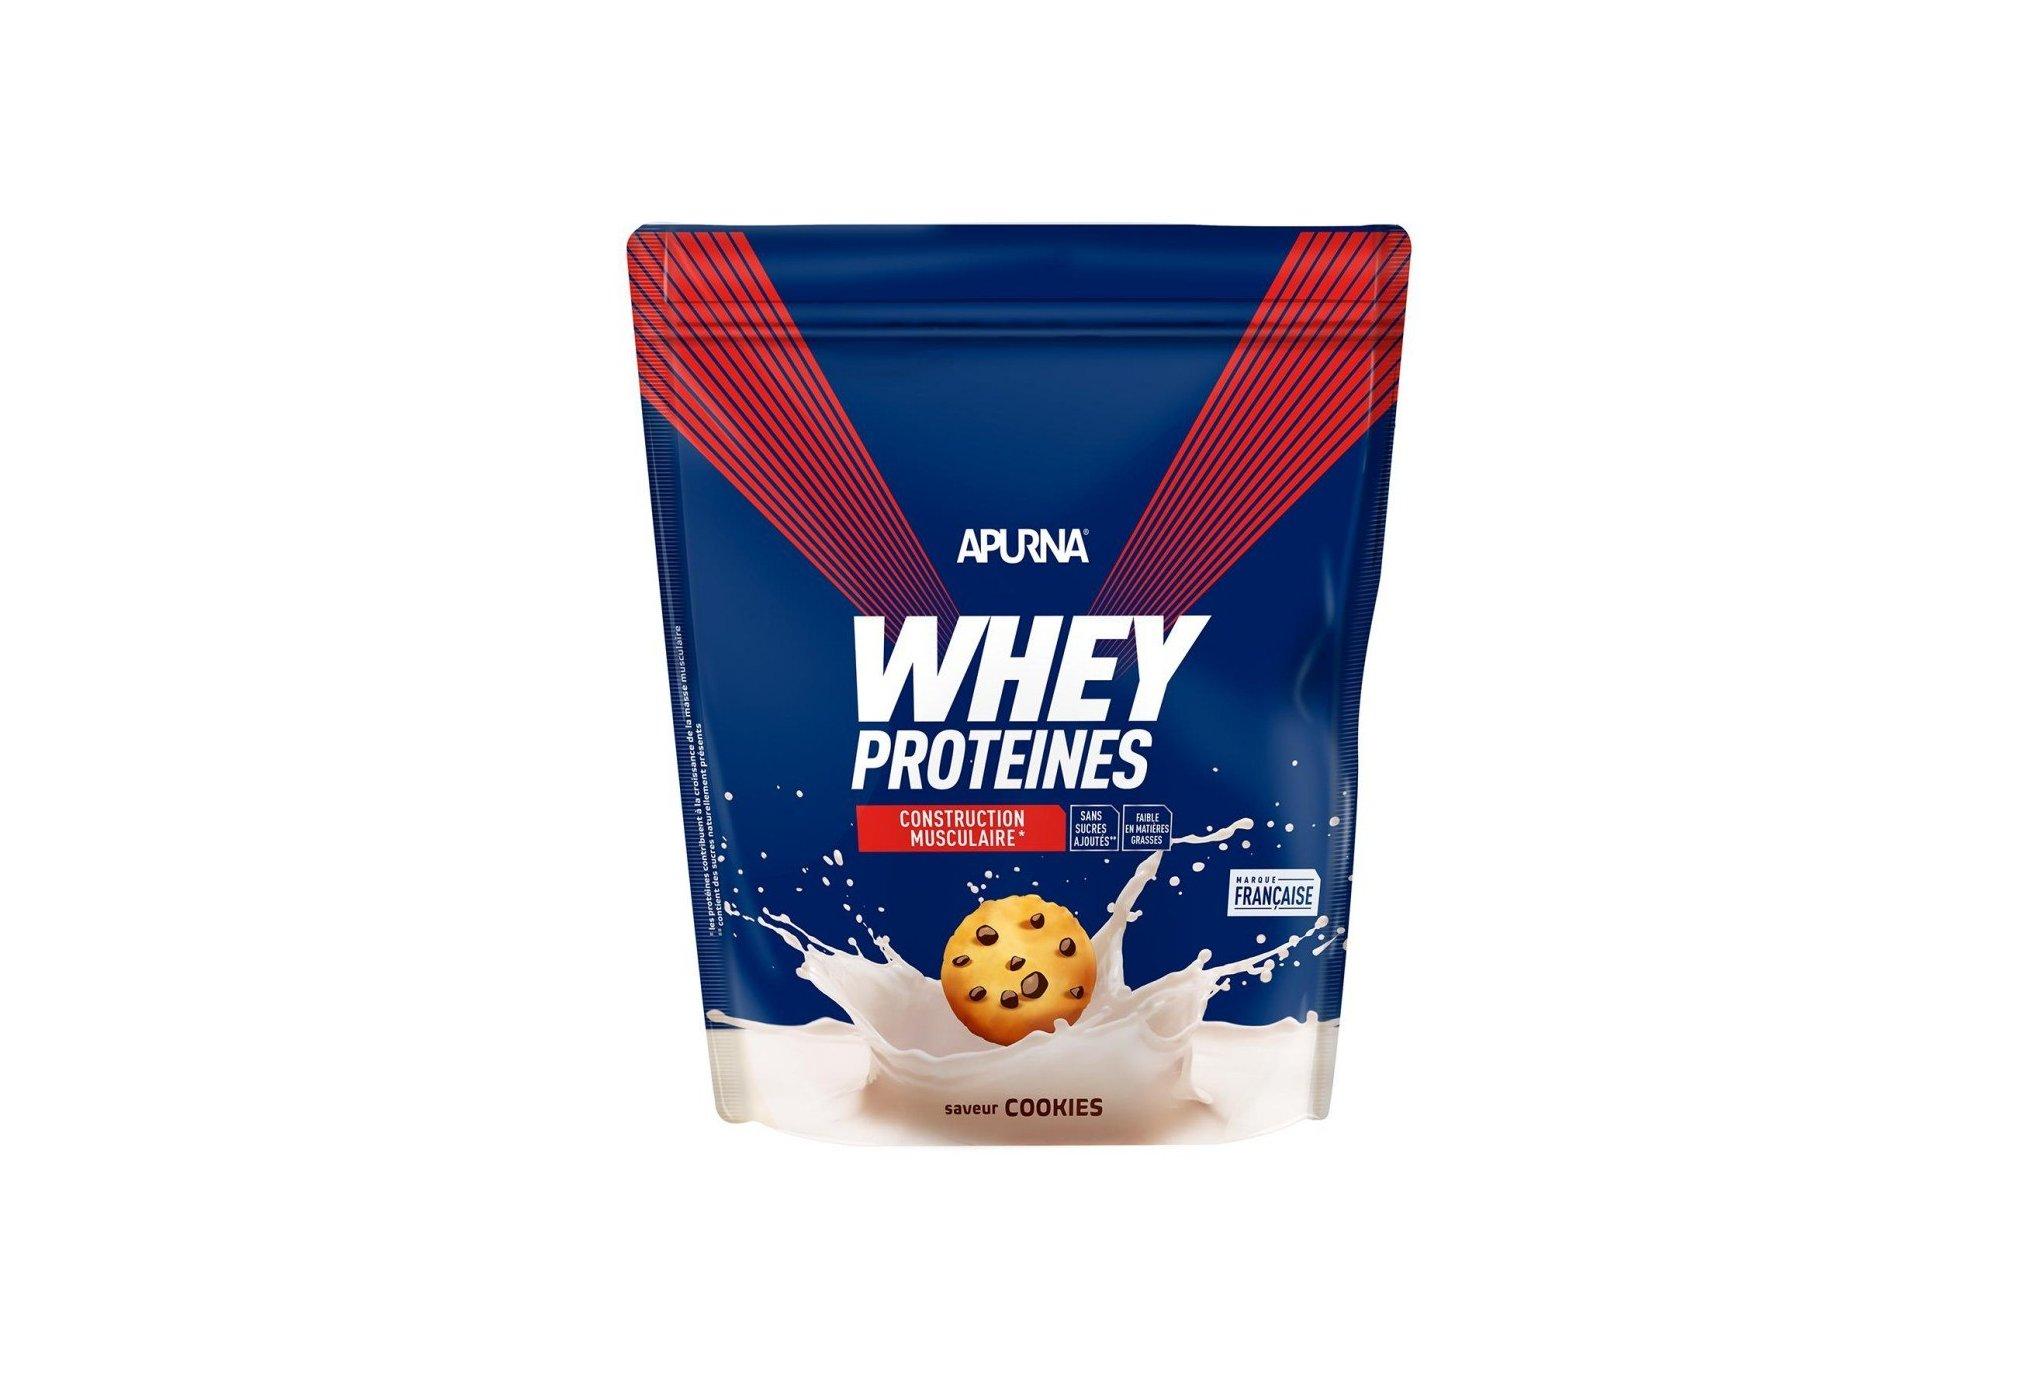 Apurna Whey protéines Cookies - 720 g Diététique Protéines / récupération